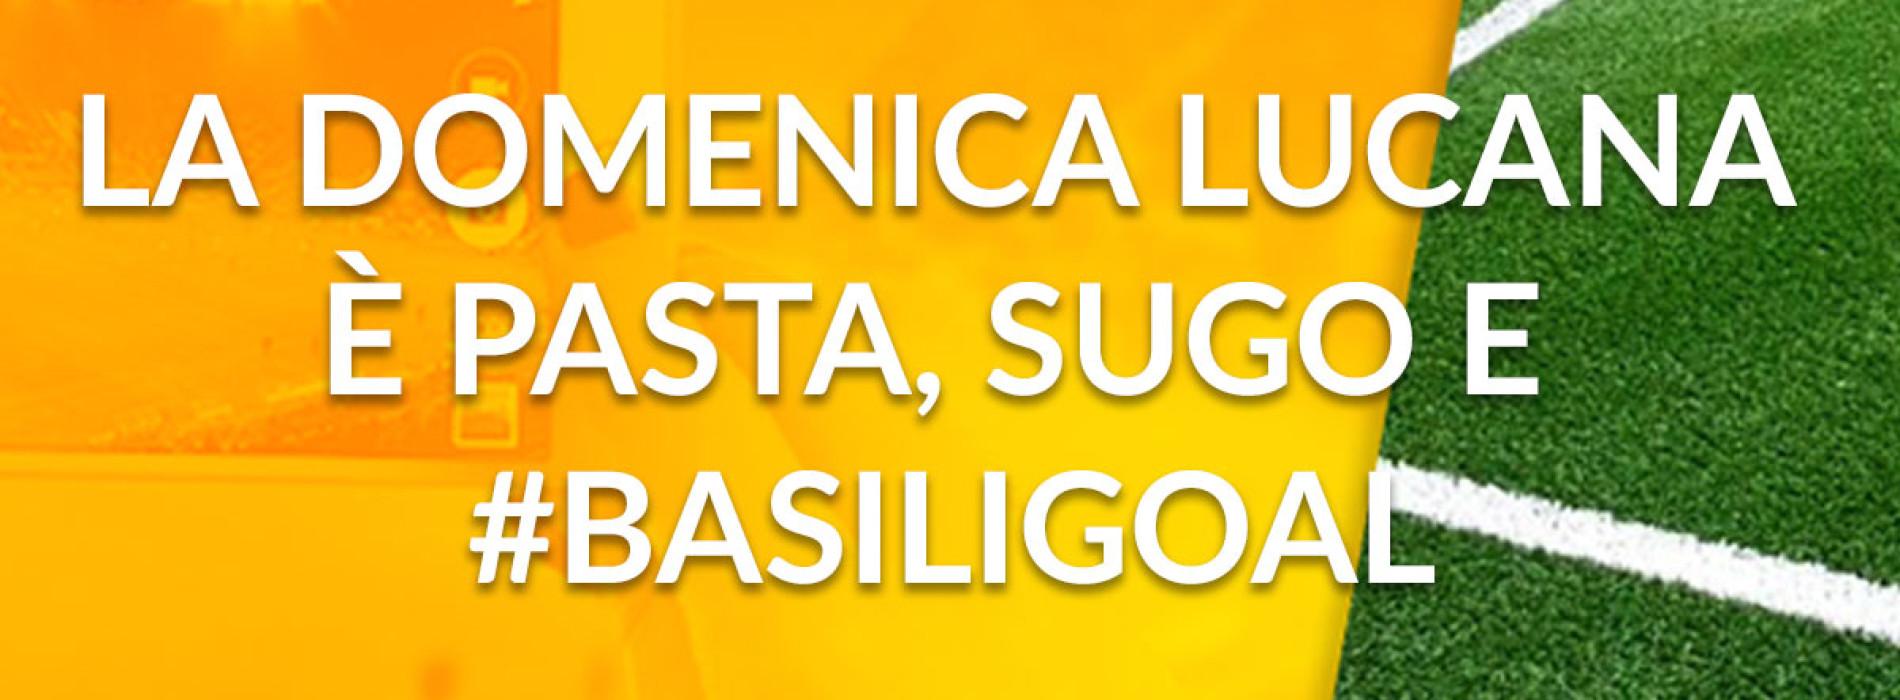 #basiligoal: il vincitore della seconda giornata!